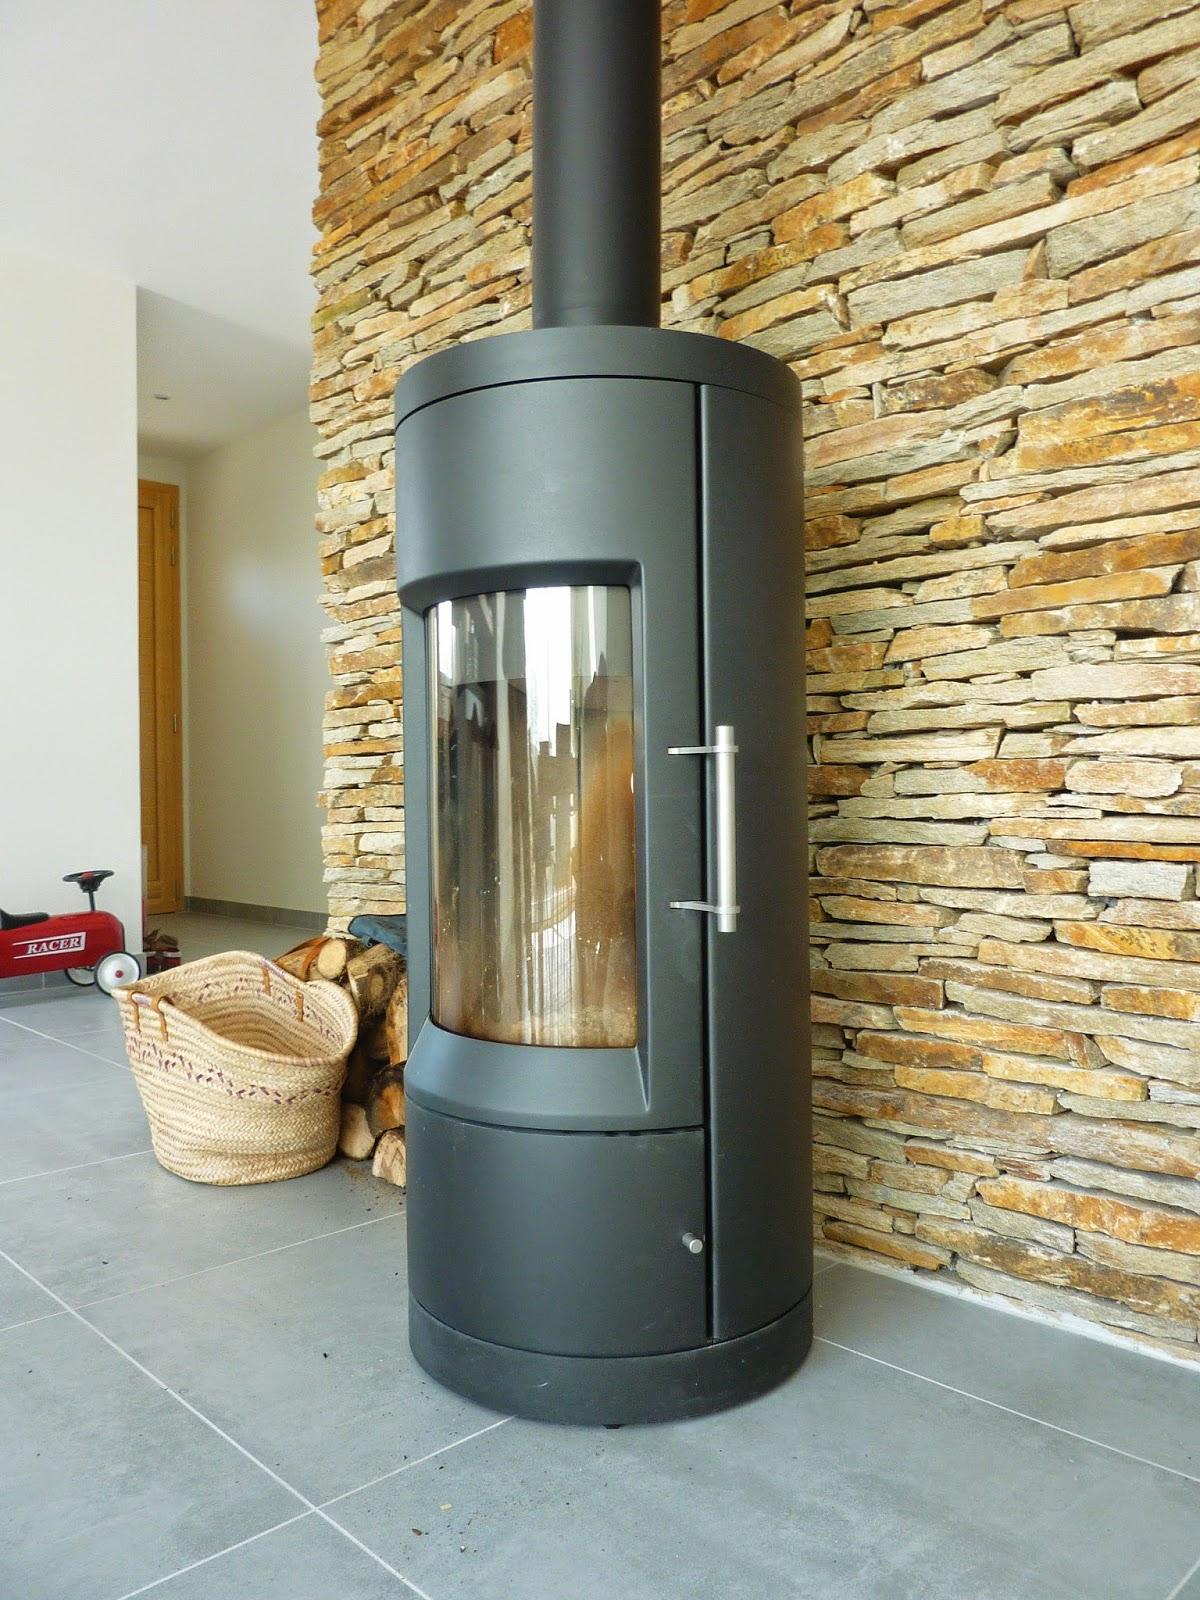 construction bioclimatique autonome vers la construction de maison autonome. Black Bedroom Furniture Sets. Home Design Ideas